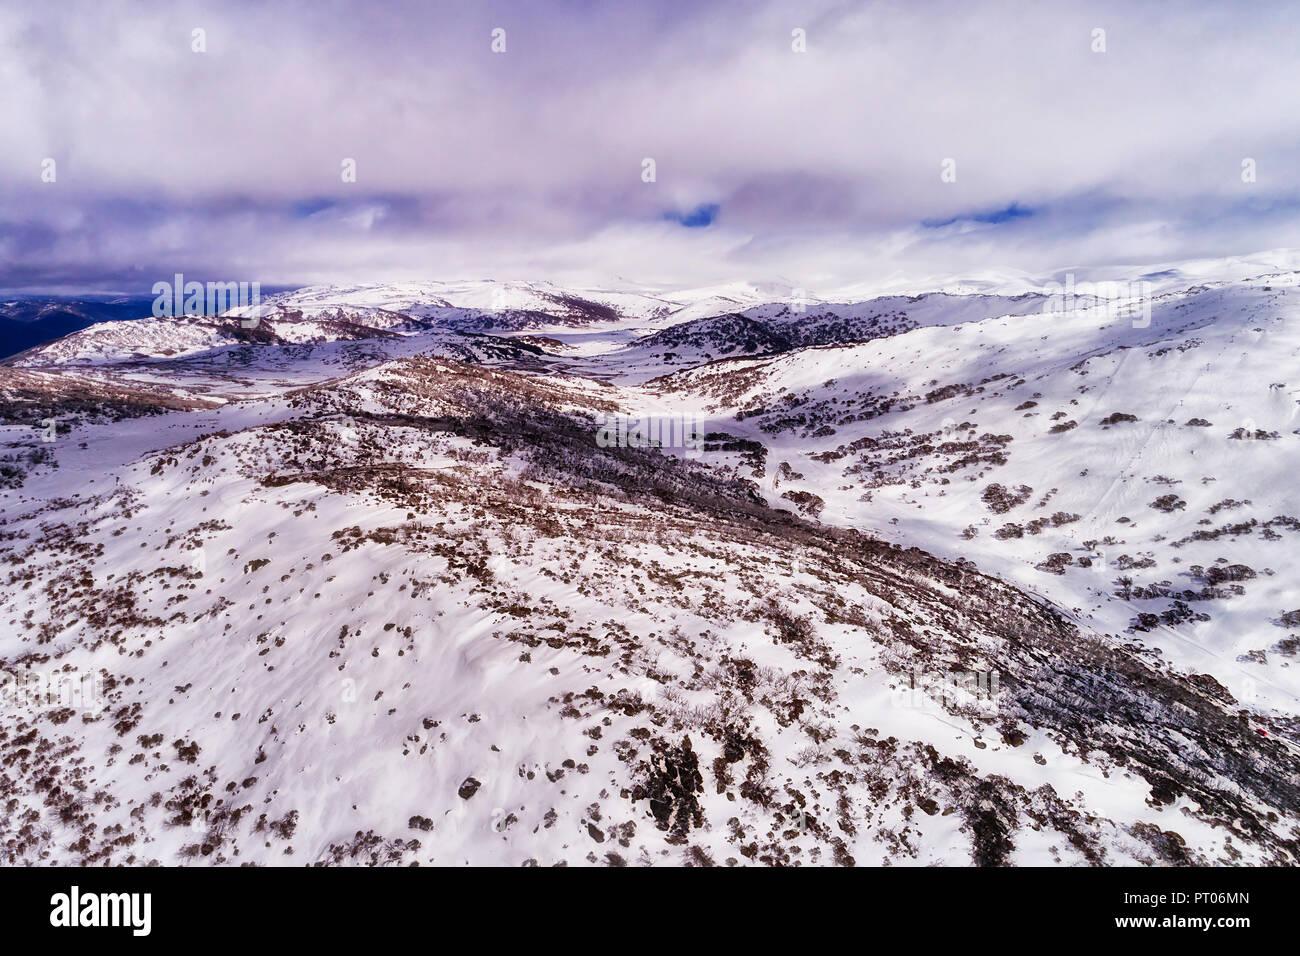 Il bianco della neve pendii delle montagne più alte in Australia sotto nuvole bianche lungo Perisher valley con neve spessa e stazione sciistica piste sportive. Immagini Stock